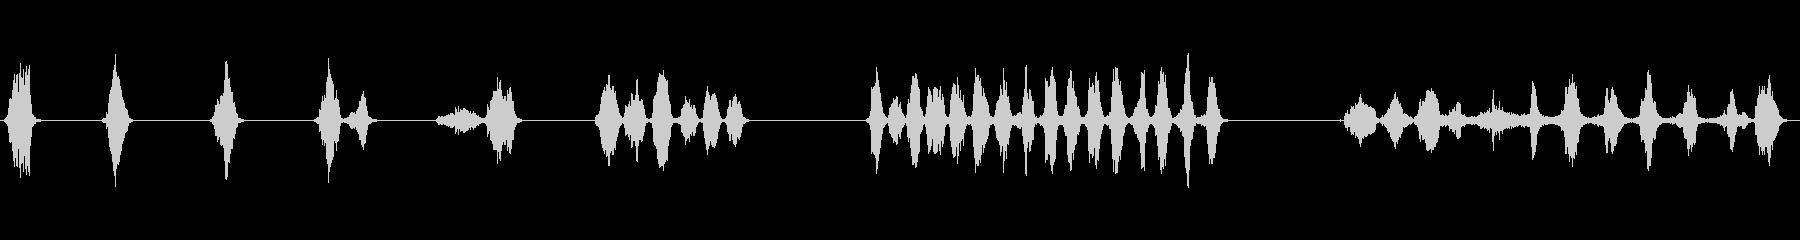 シートメタル、摩擦、きしみ、きしみ...の未再生の波形